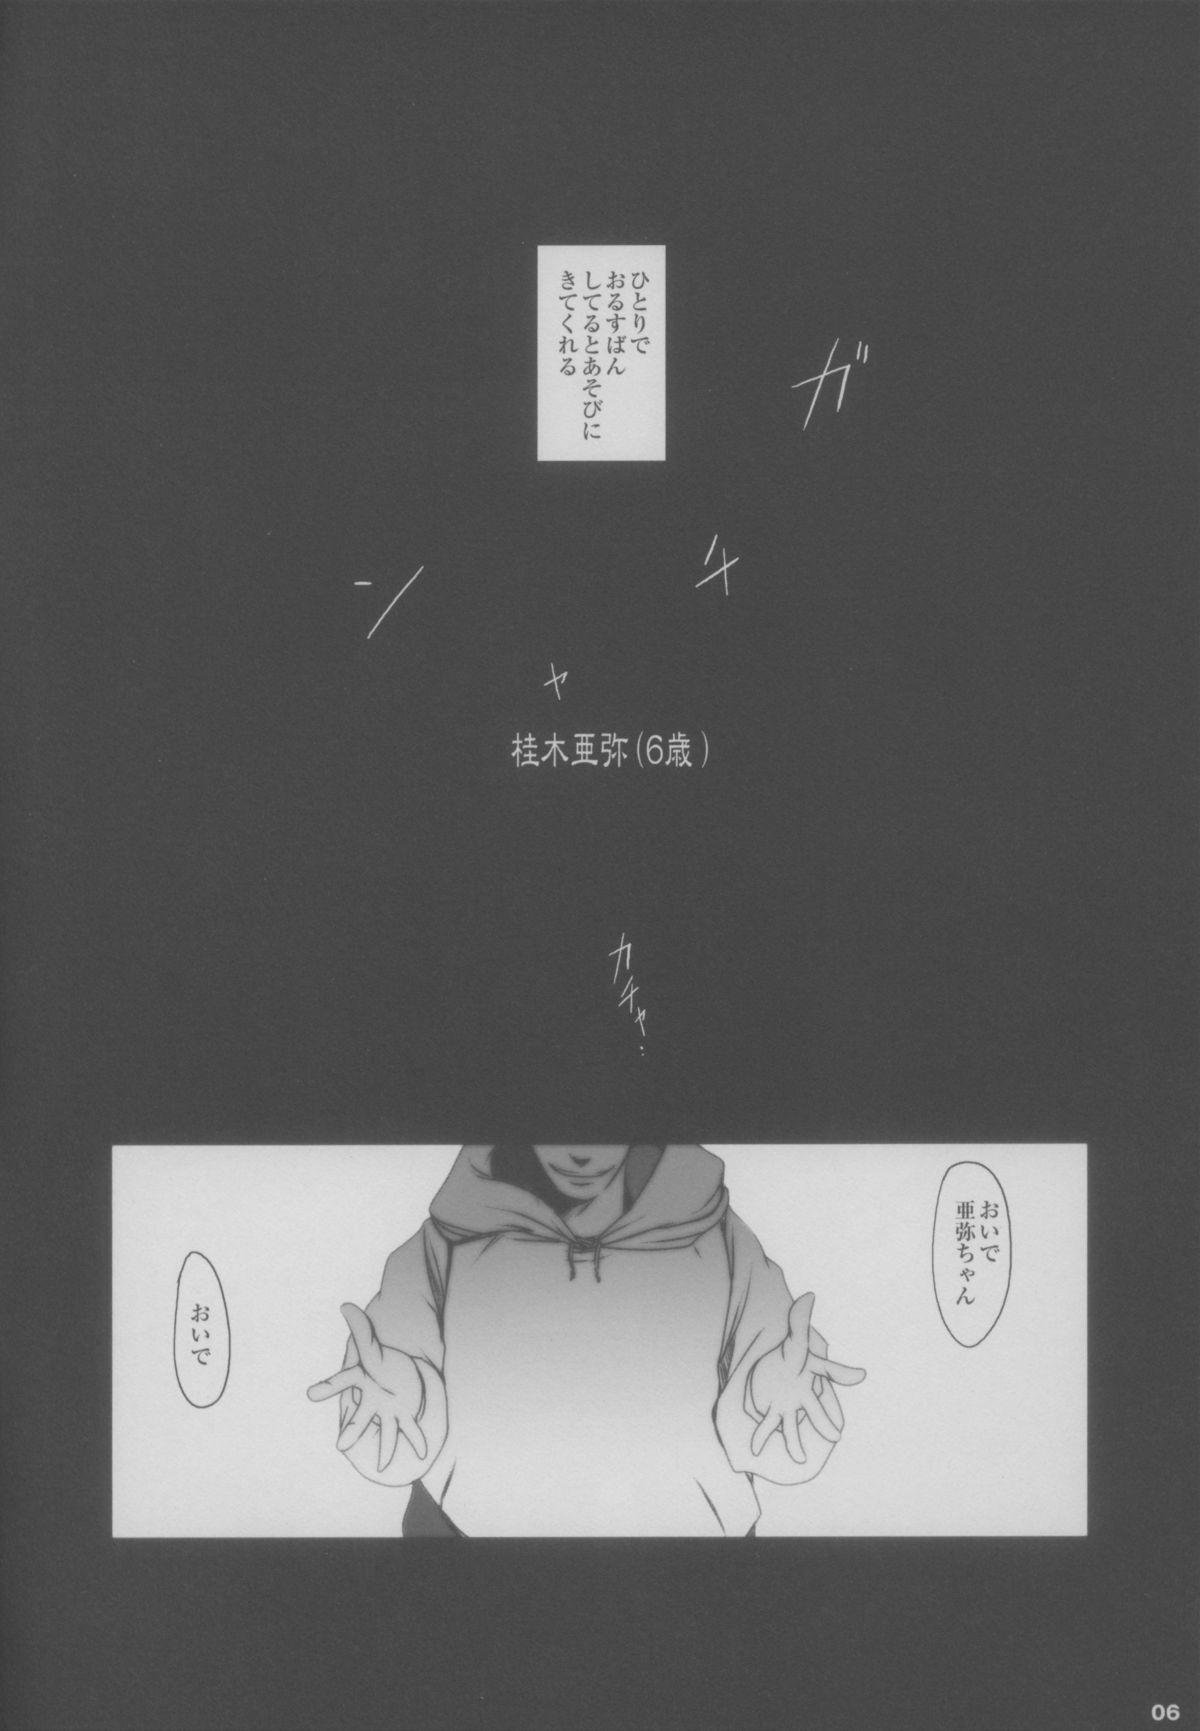 Jian Hassei 6